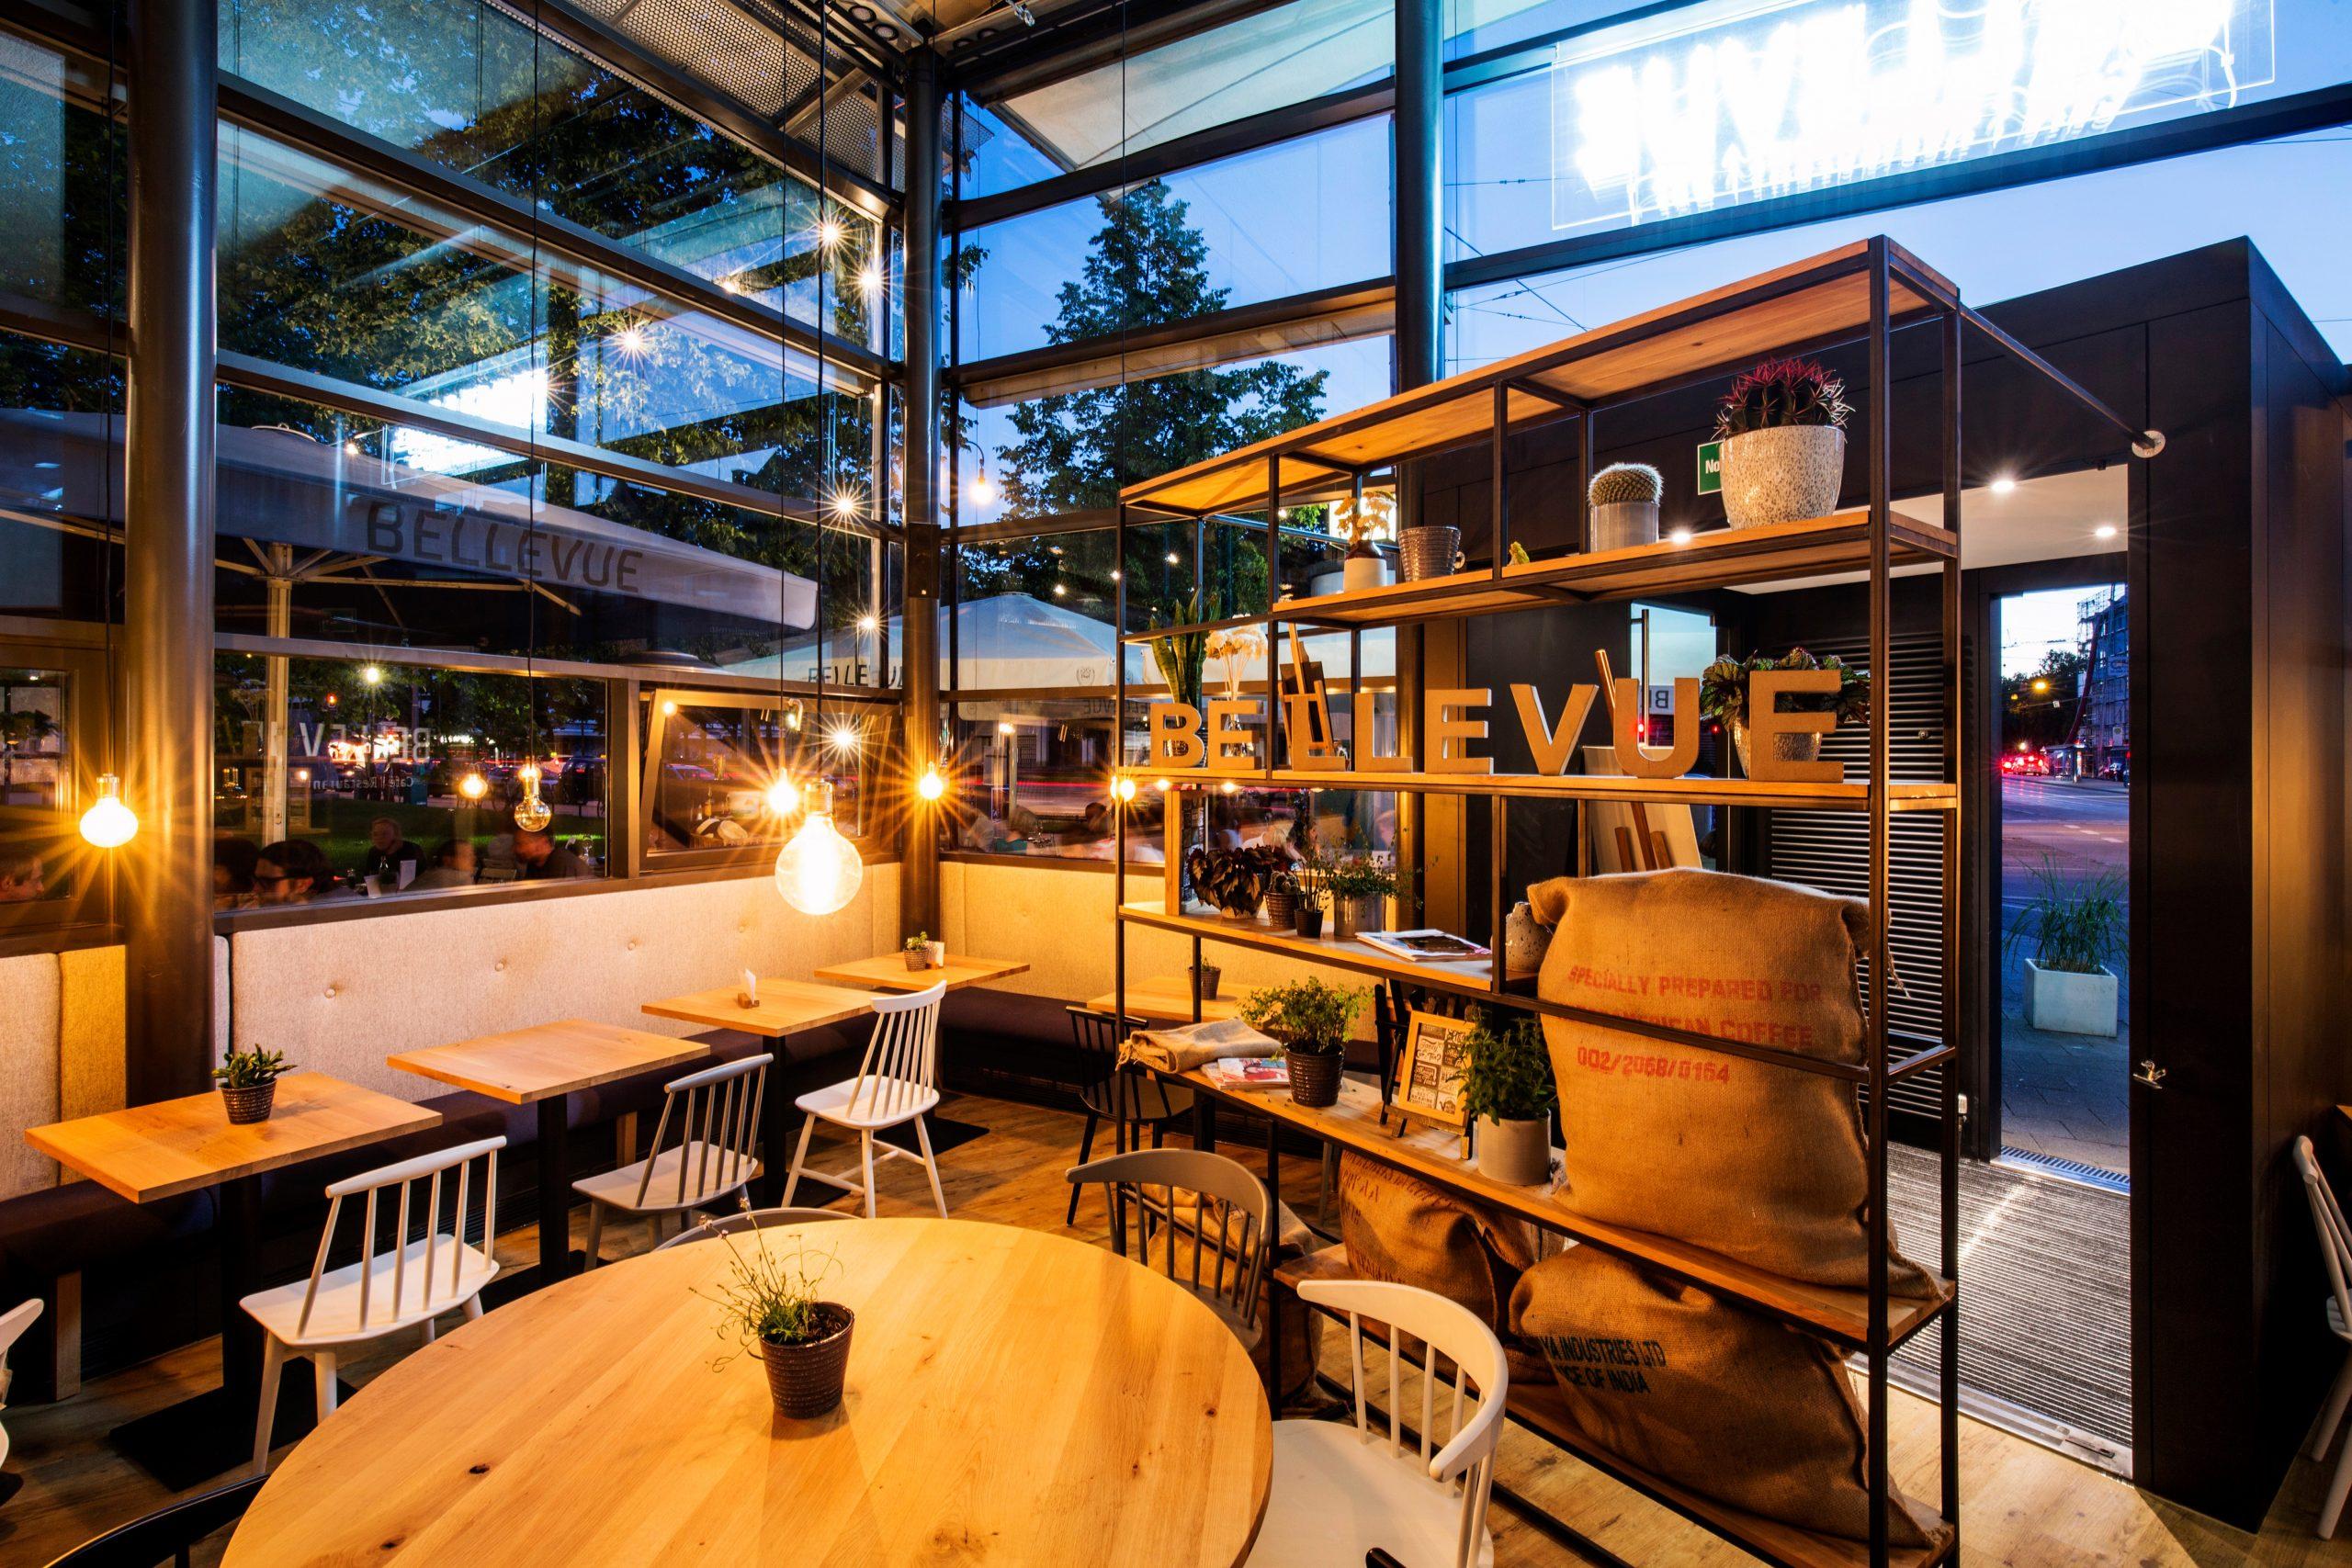 jacob-mayer-voigt-architekt-bellevue-interior-design-gastronomie